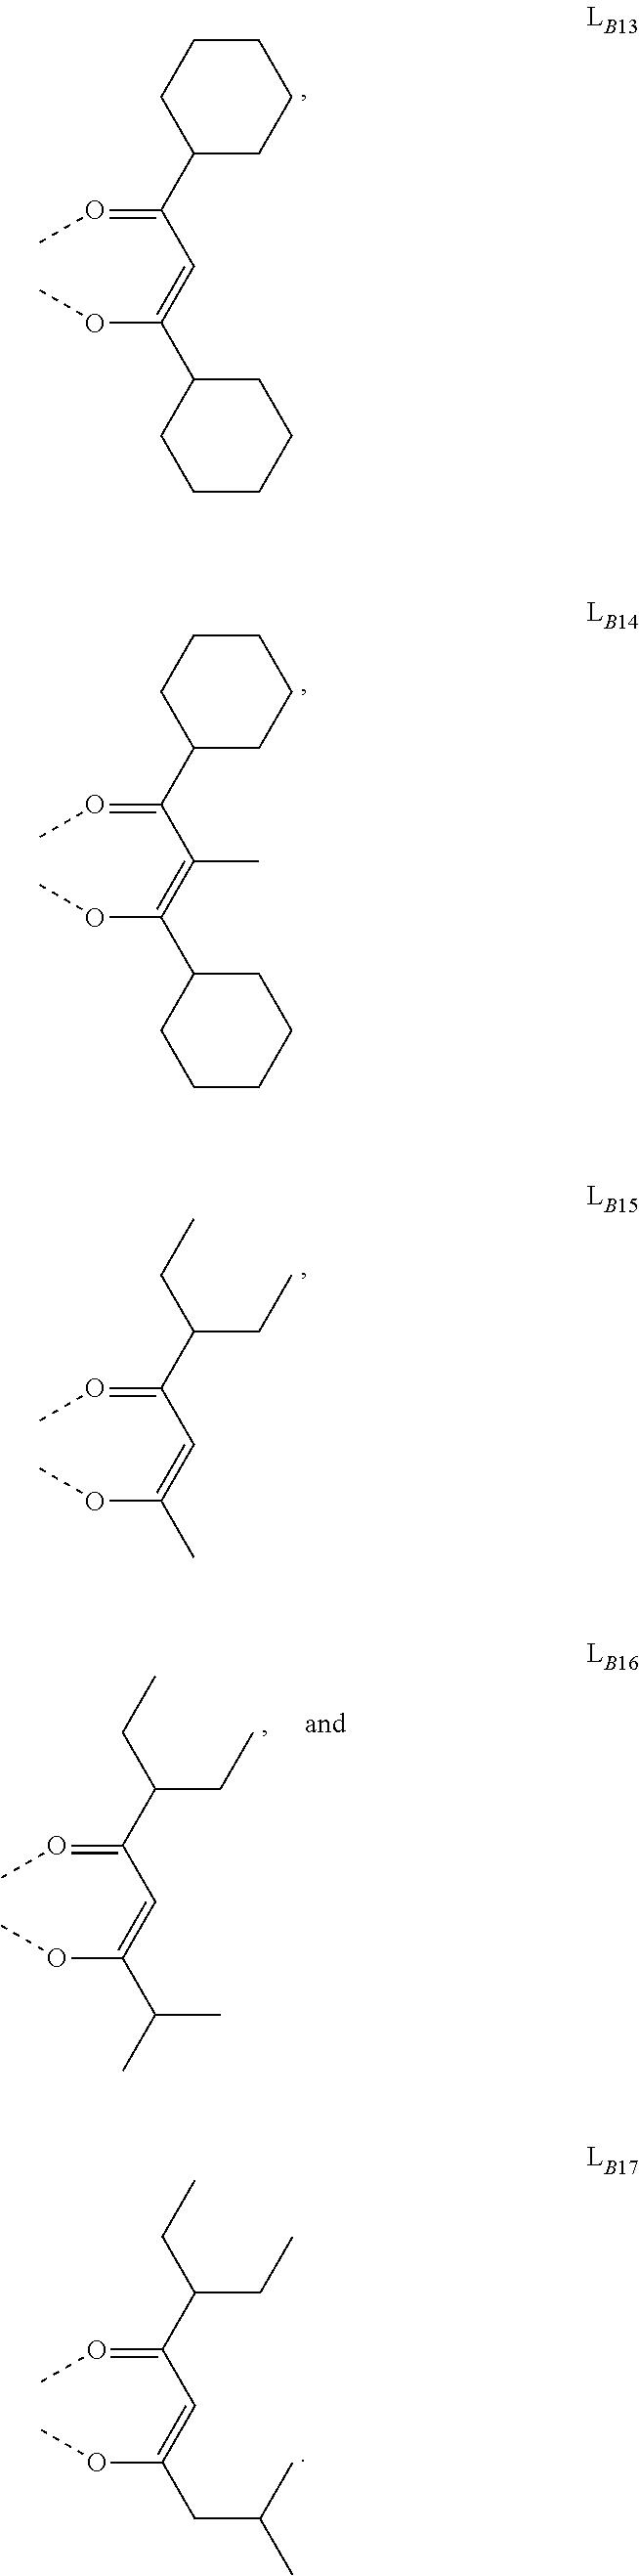 Figure US09859510-20180102-C00155